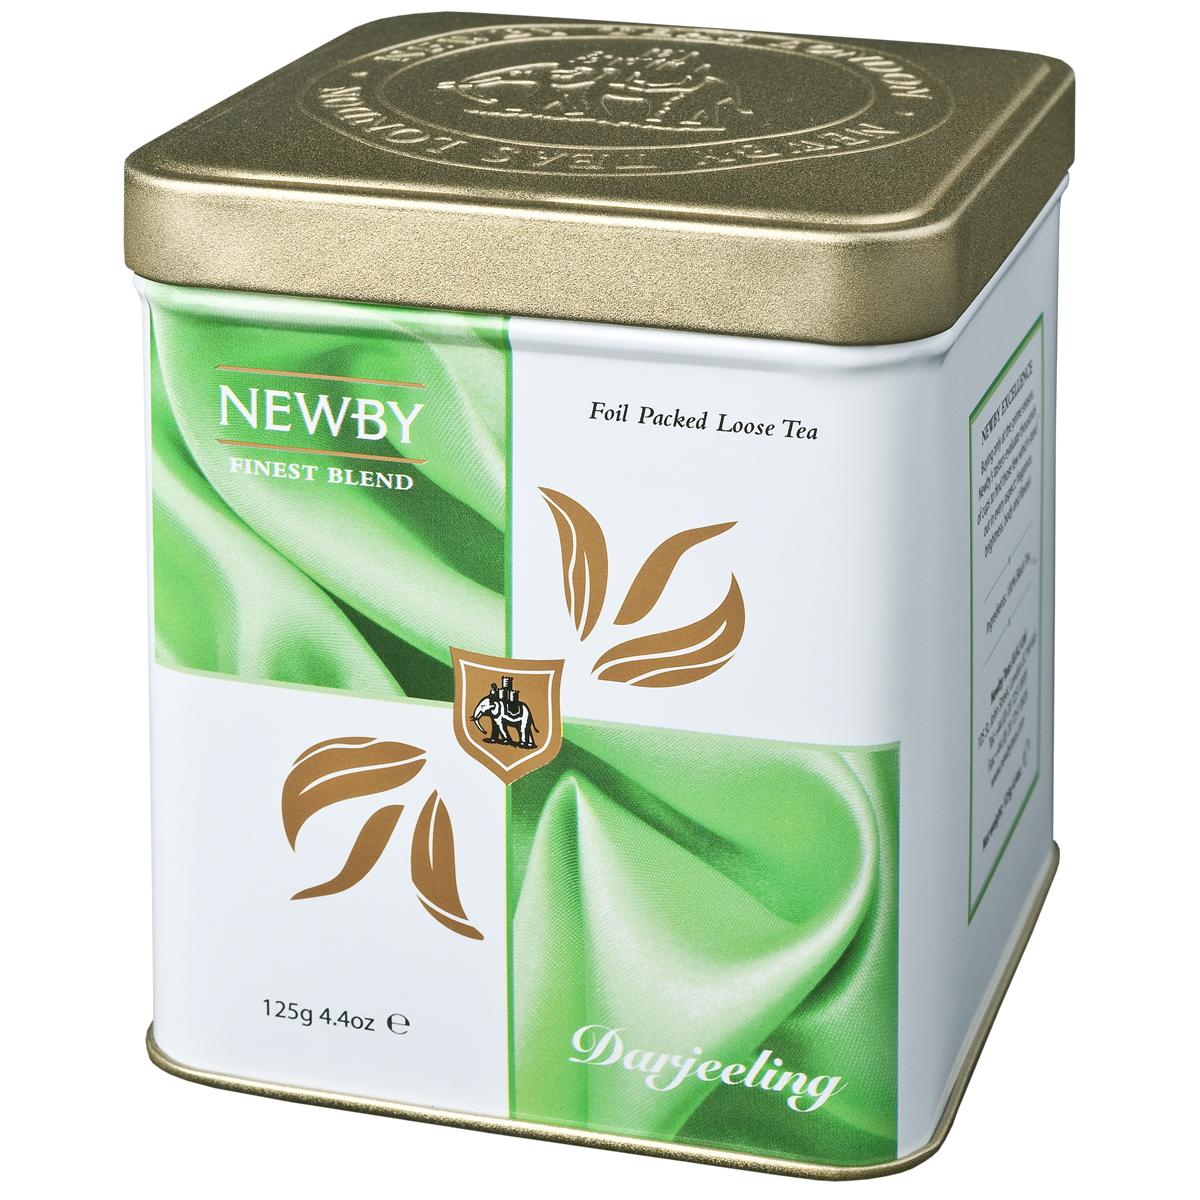 Newby Darjeeling черный листовой чай, 125 г130020Чай Newby Darjeeling получил название шампанского среди чаев. Серебристые типсы с зеленоватыми листьями, светло-янтарный настой, цветочный аромат и немного вяжущий мускатный привкус.